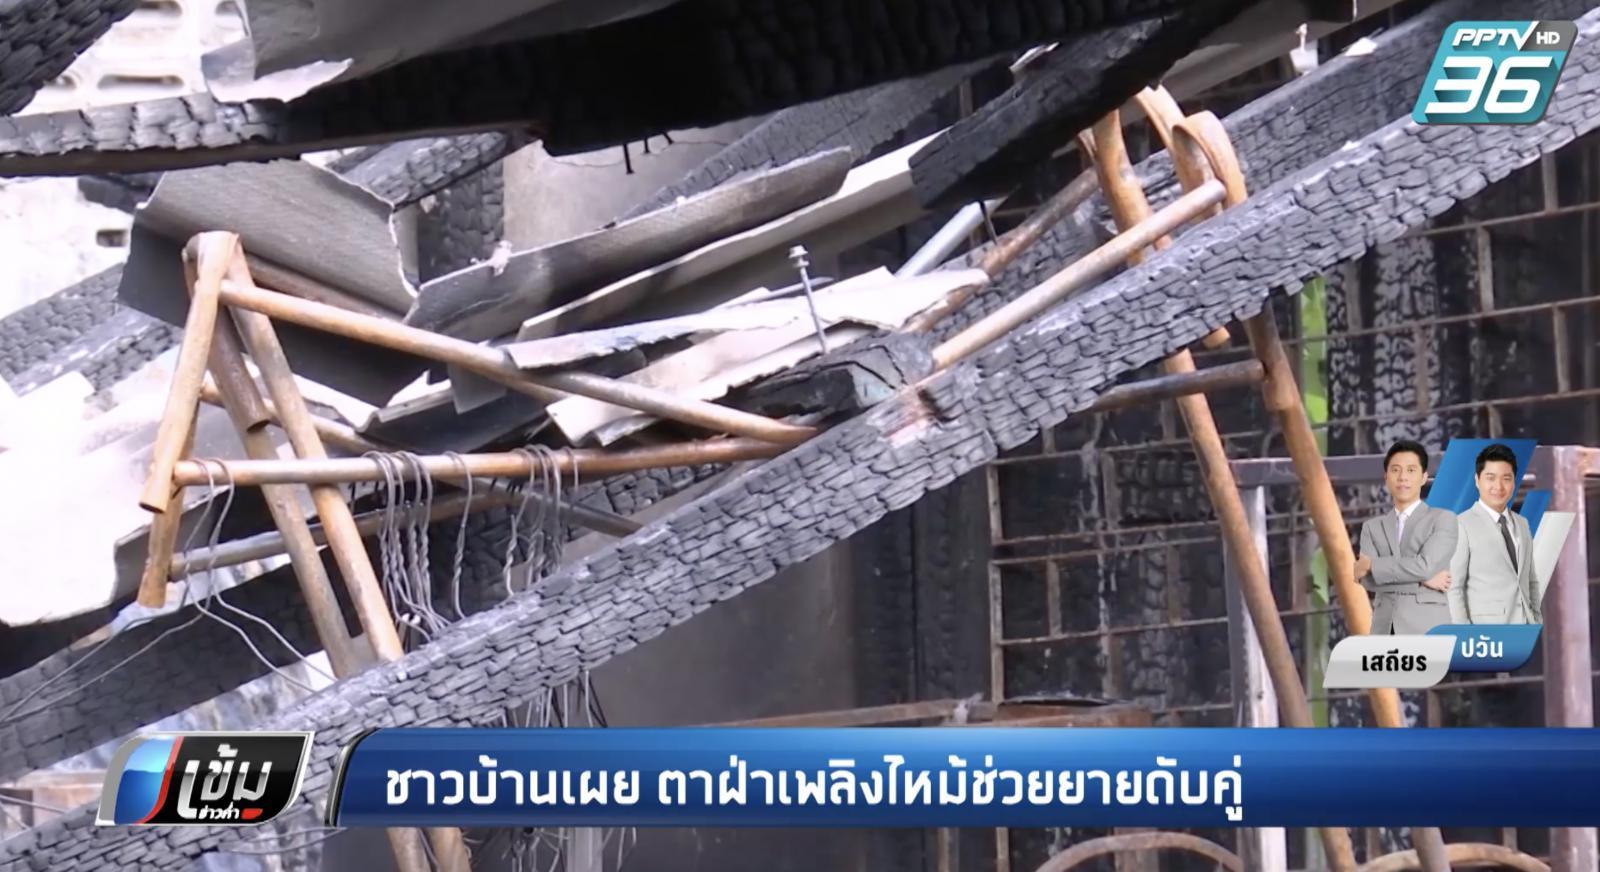 เบื้องหลังเหตุไฟไหม้รัชดา 36 เสียชีวิต 3 คน พบไม่ใช่ที่กักตัว